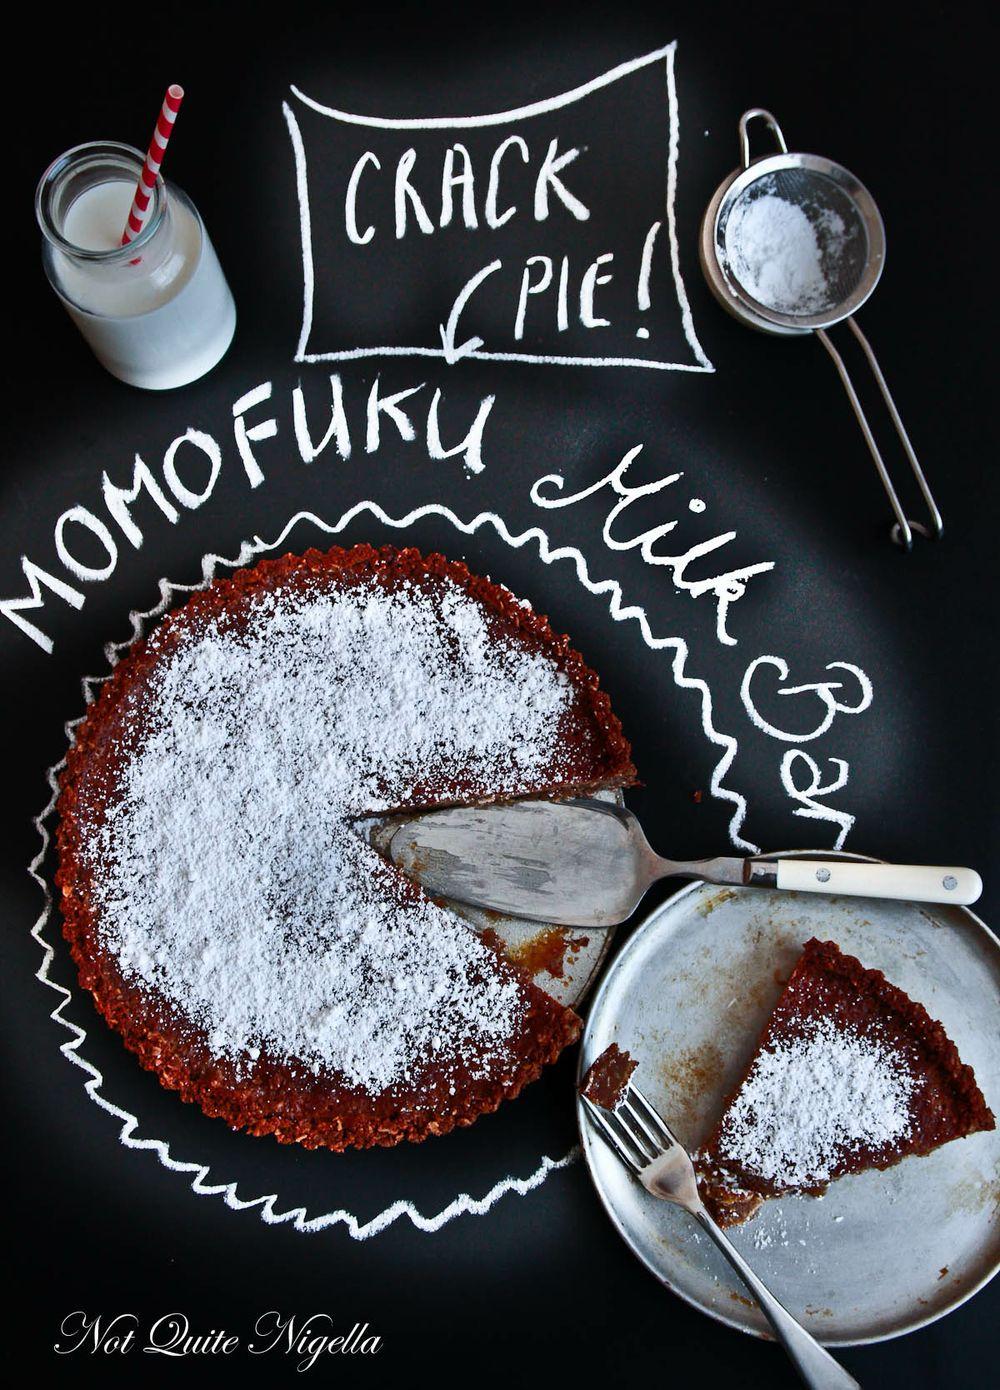 crack cake momofuku